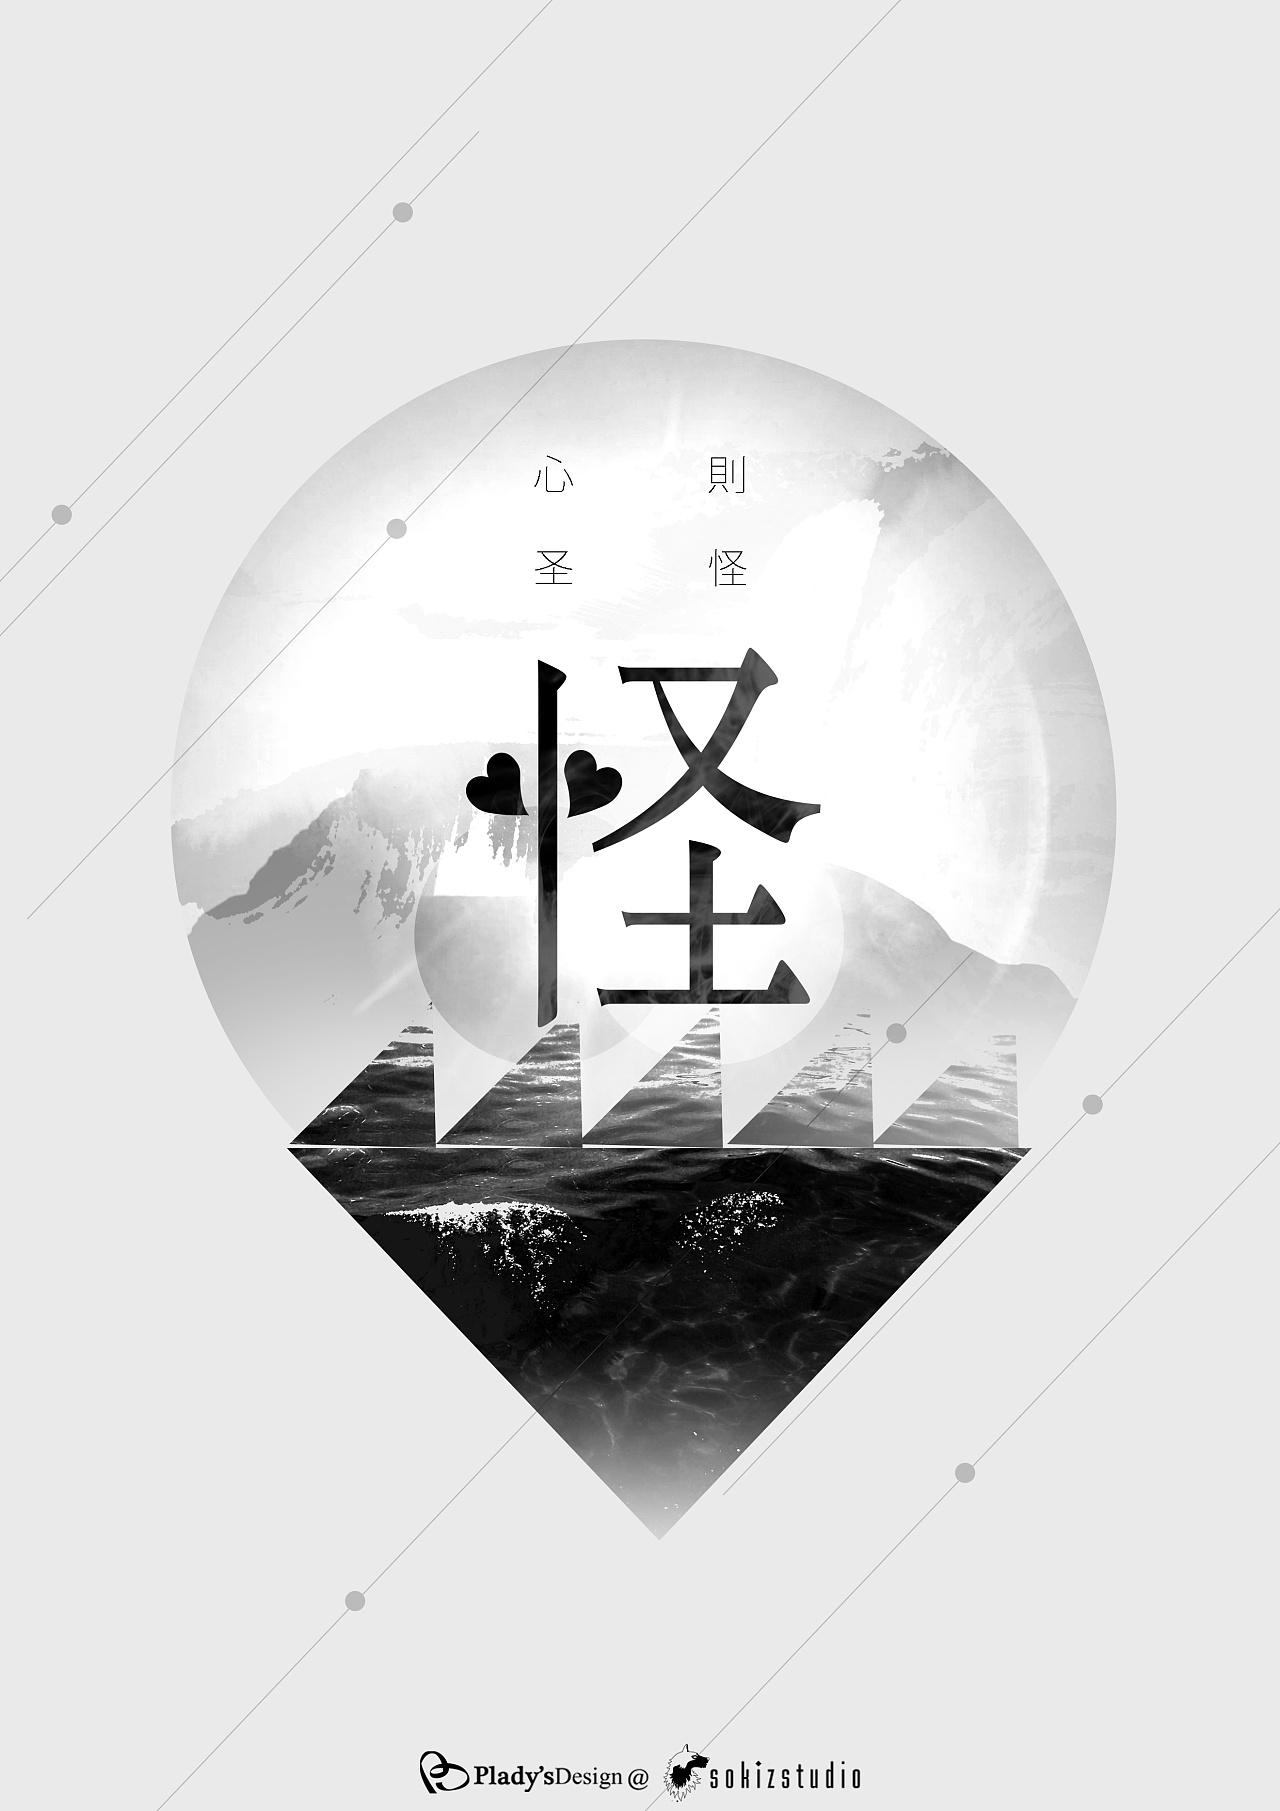 拆开汉字看人生 真的绝了1  可以拆开的汉字